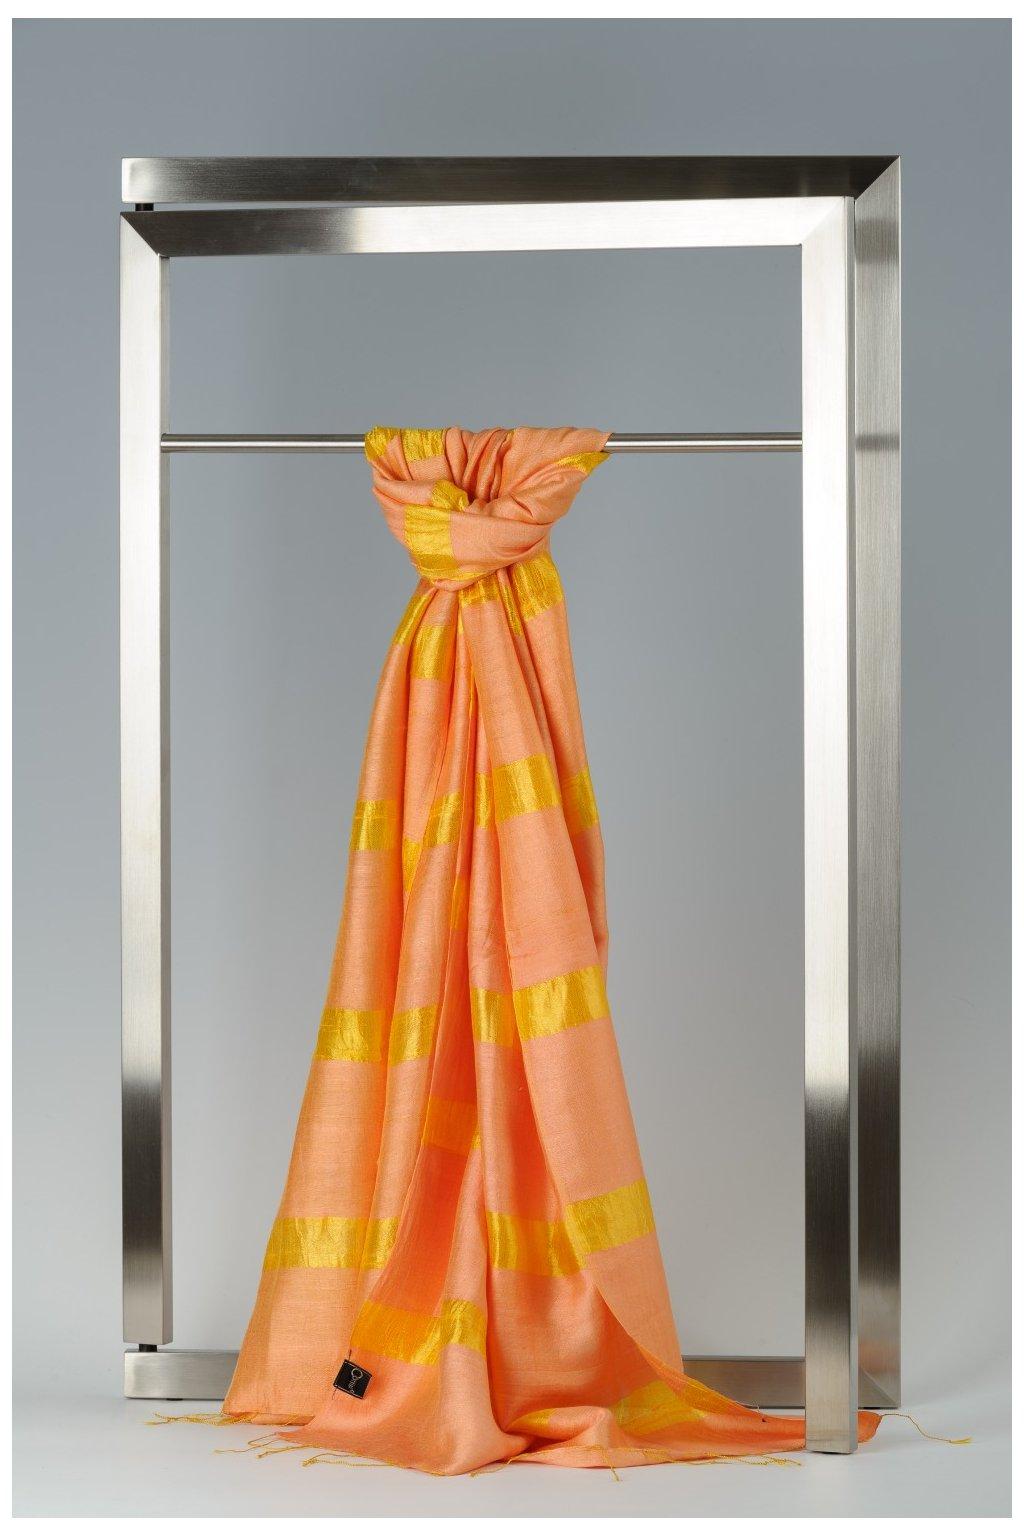 Šála z hedvábí a bavlny s proužky - HBR003